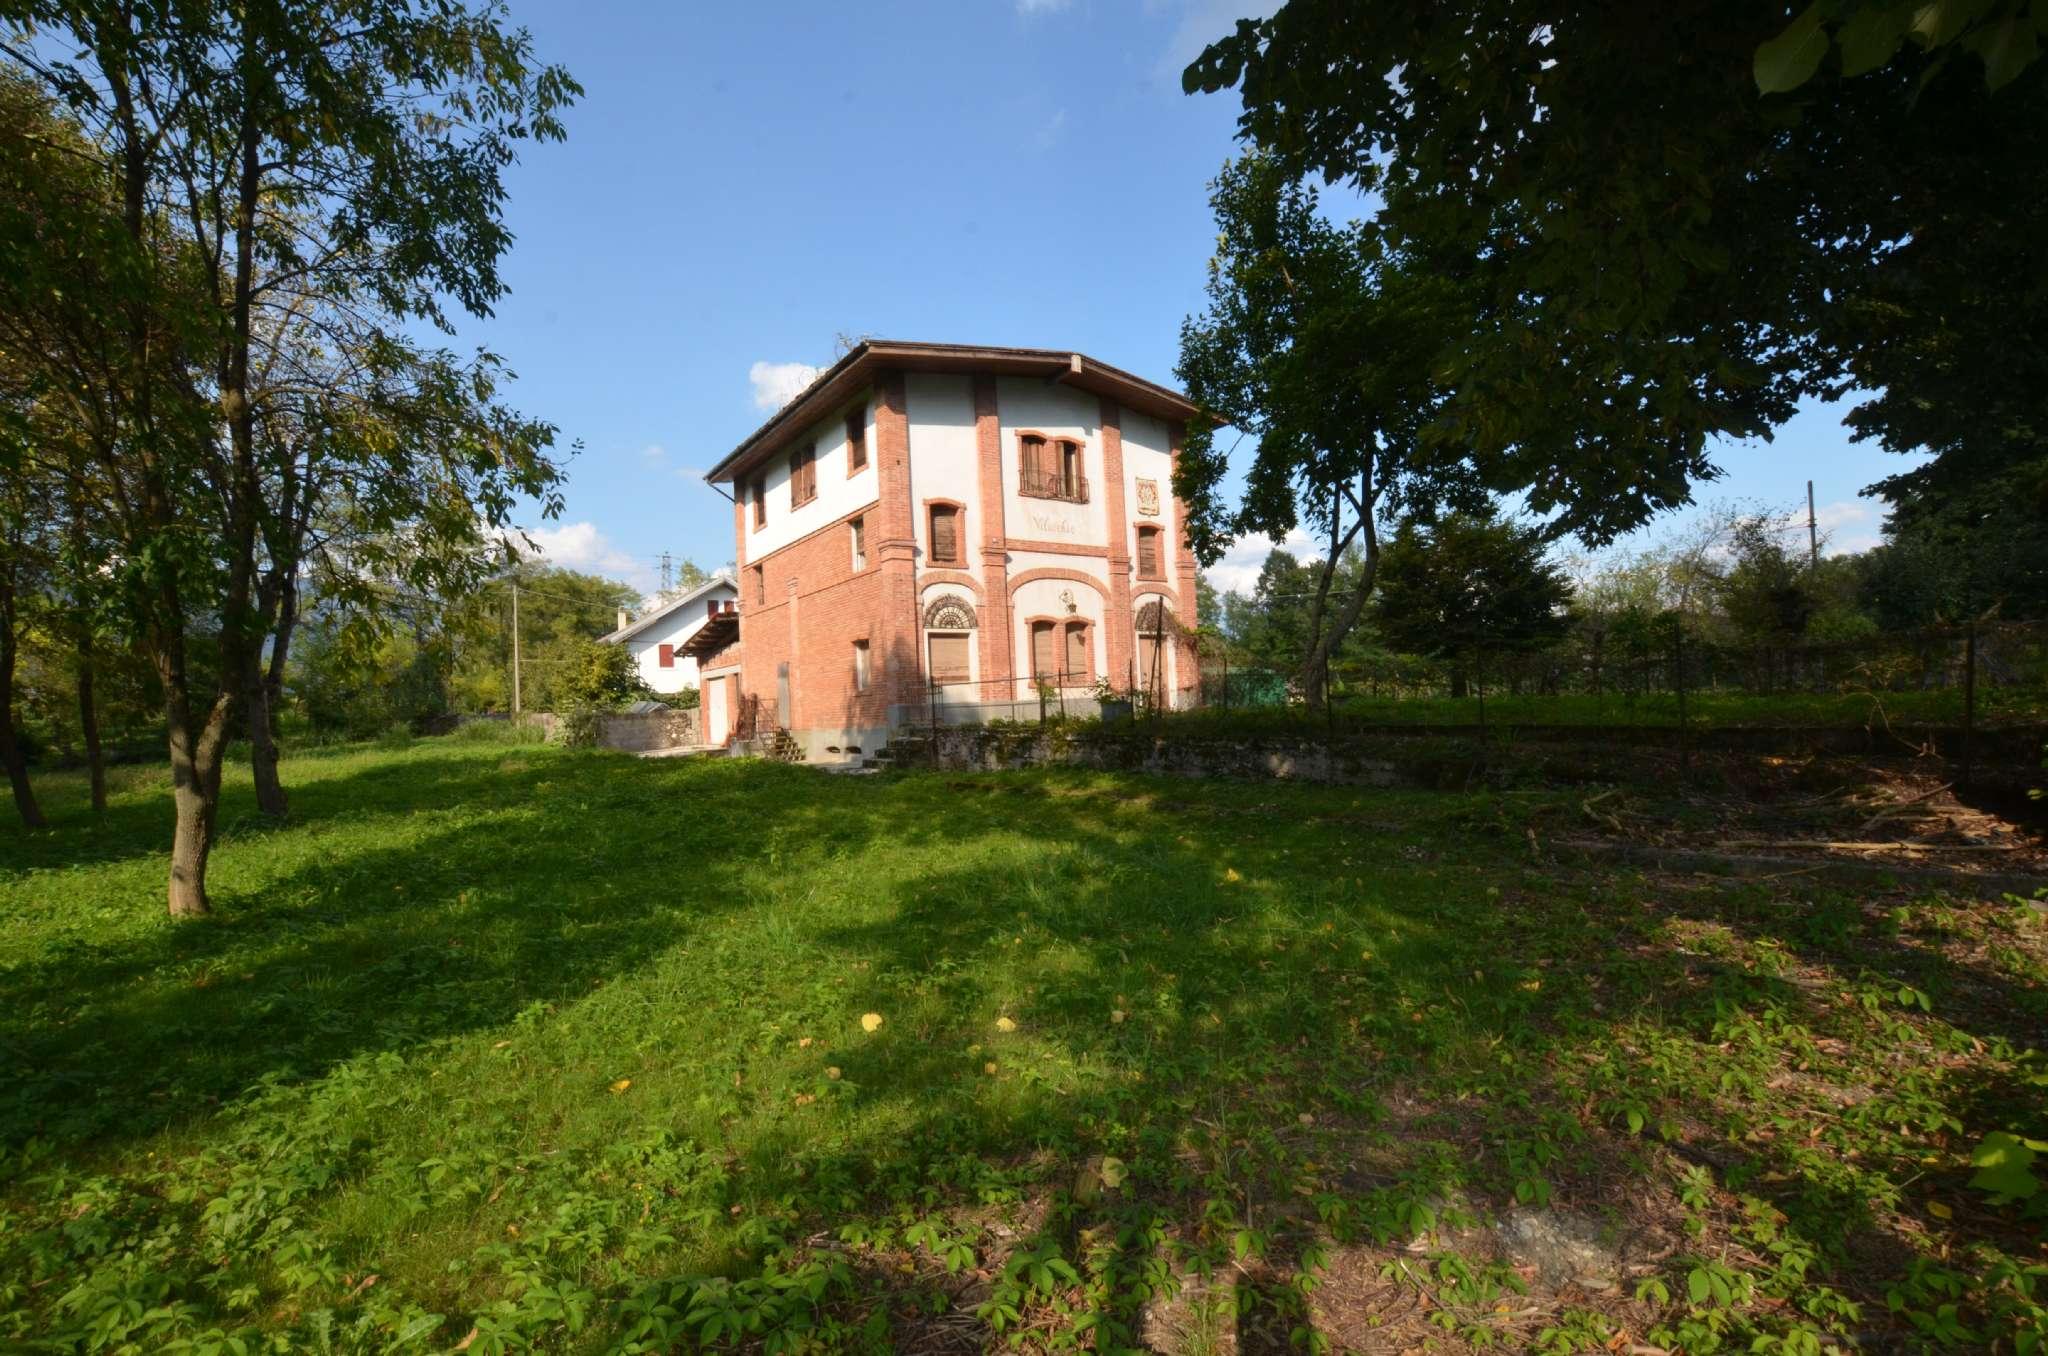 Palazzo / Stabile in vendita a Santa Giustina, 10 locali, prezzo € 230.000 | CambioCasa.it